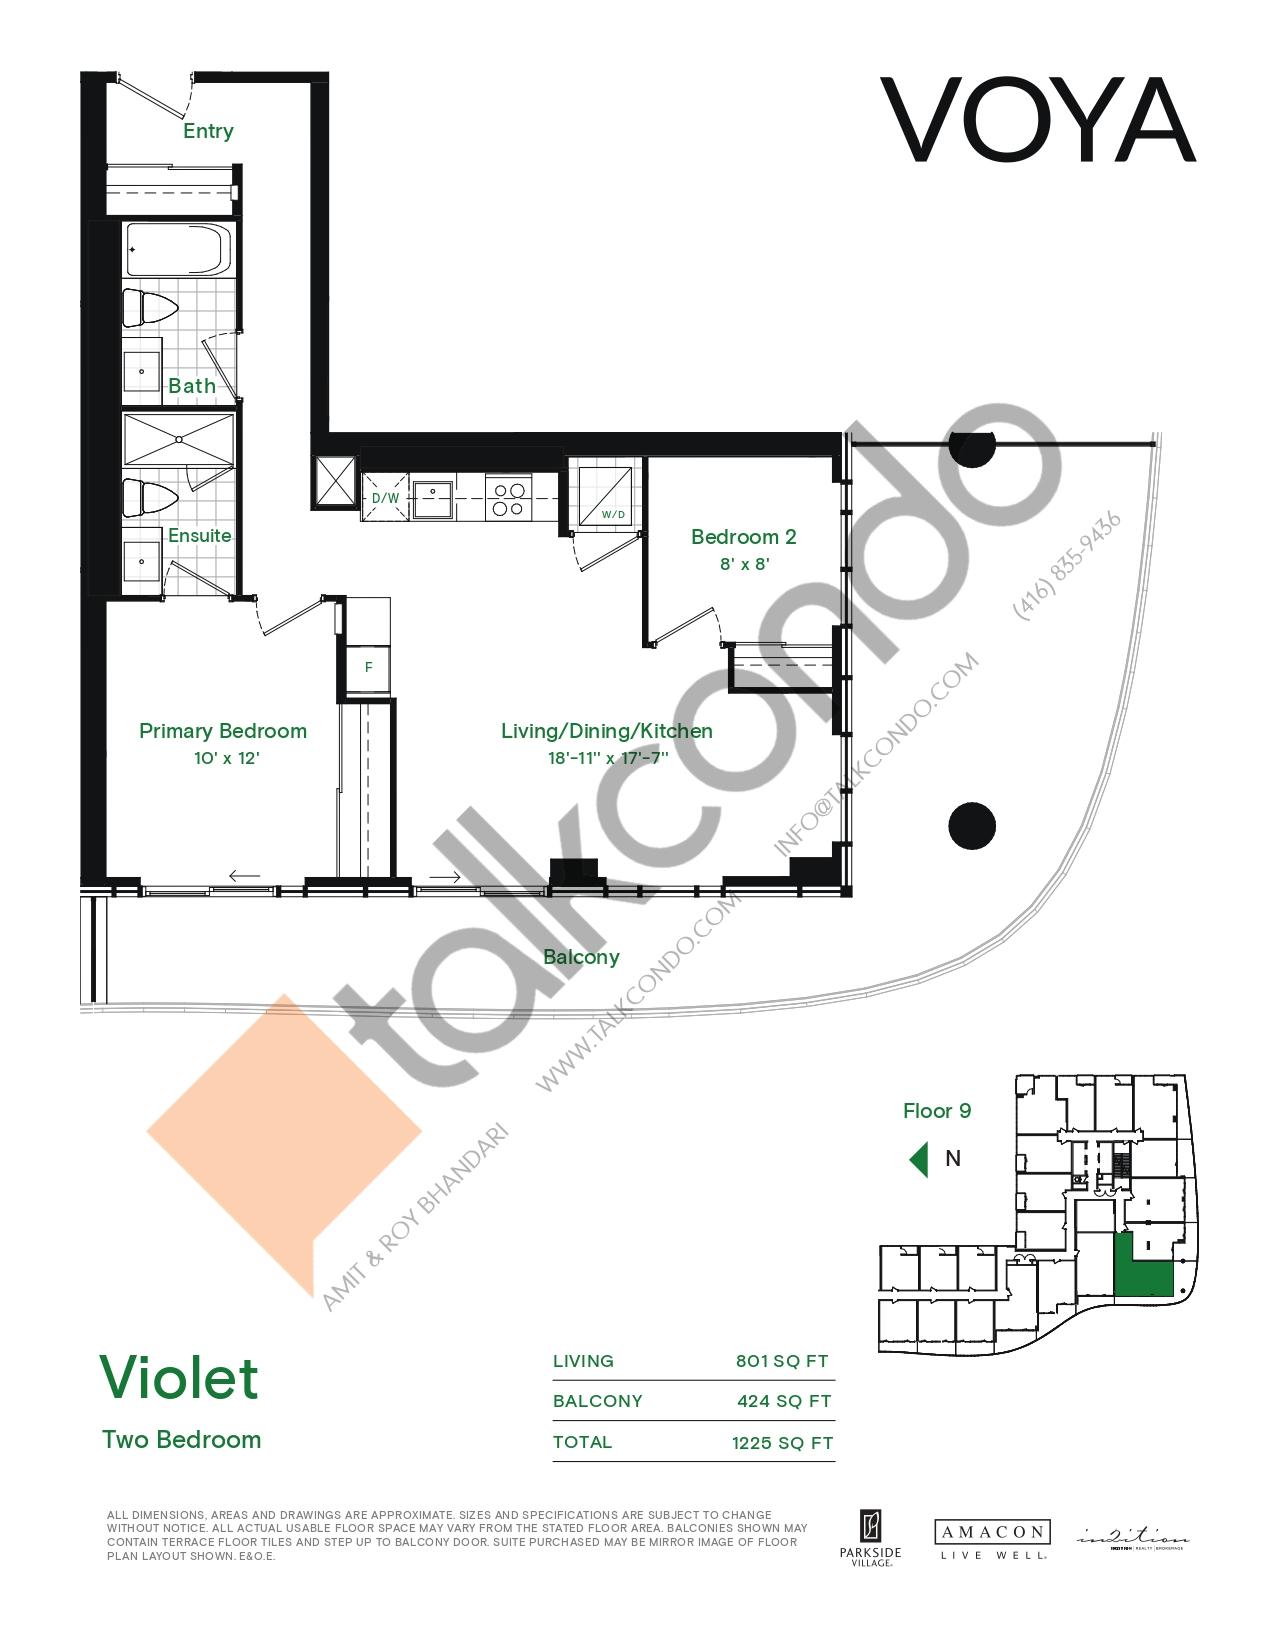 Violet (Podium) Floor Plan at Voya at Parkside Village Condos - 801 sq.ft